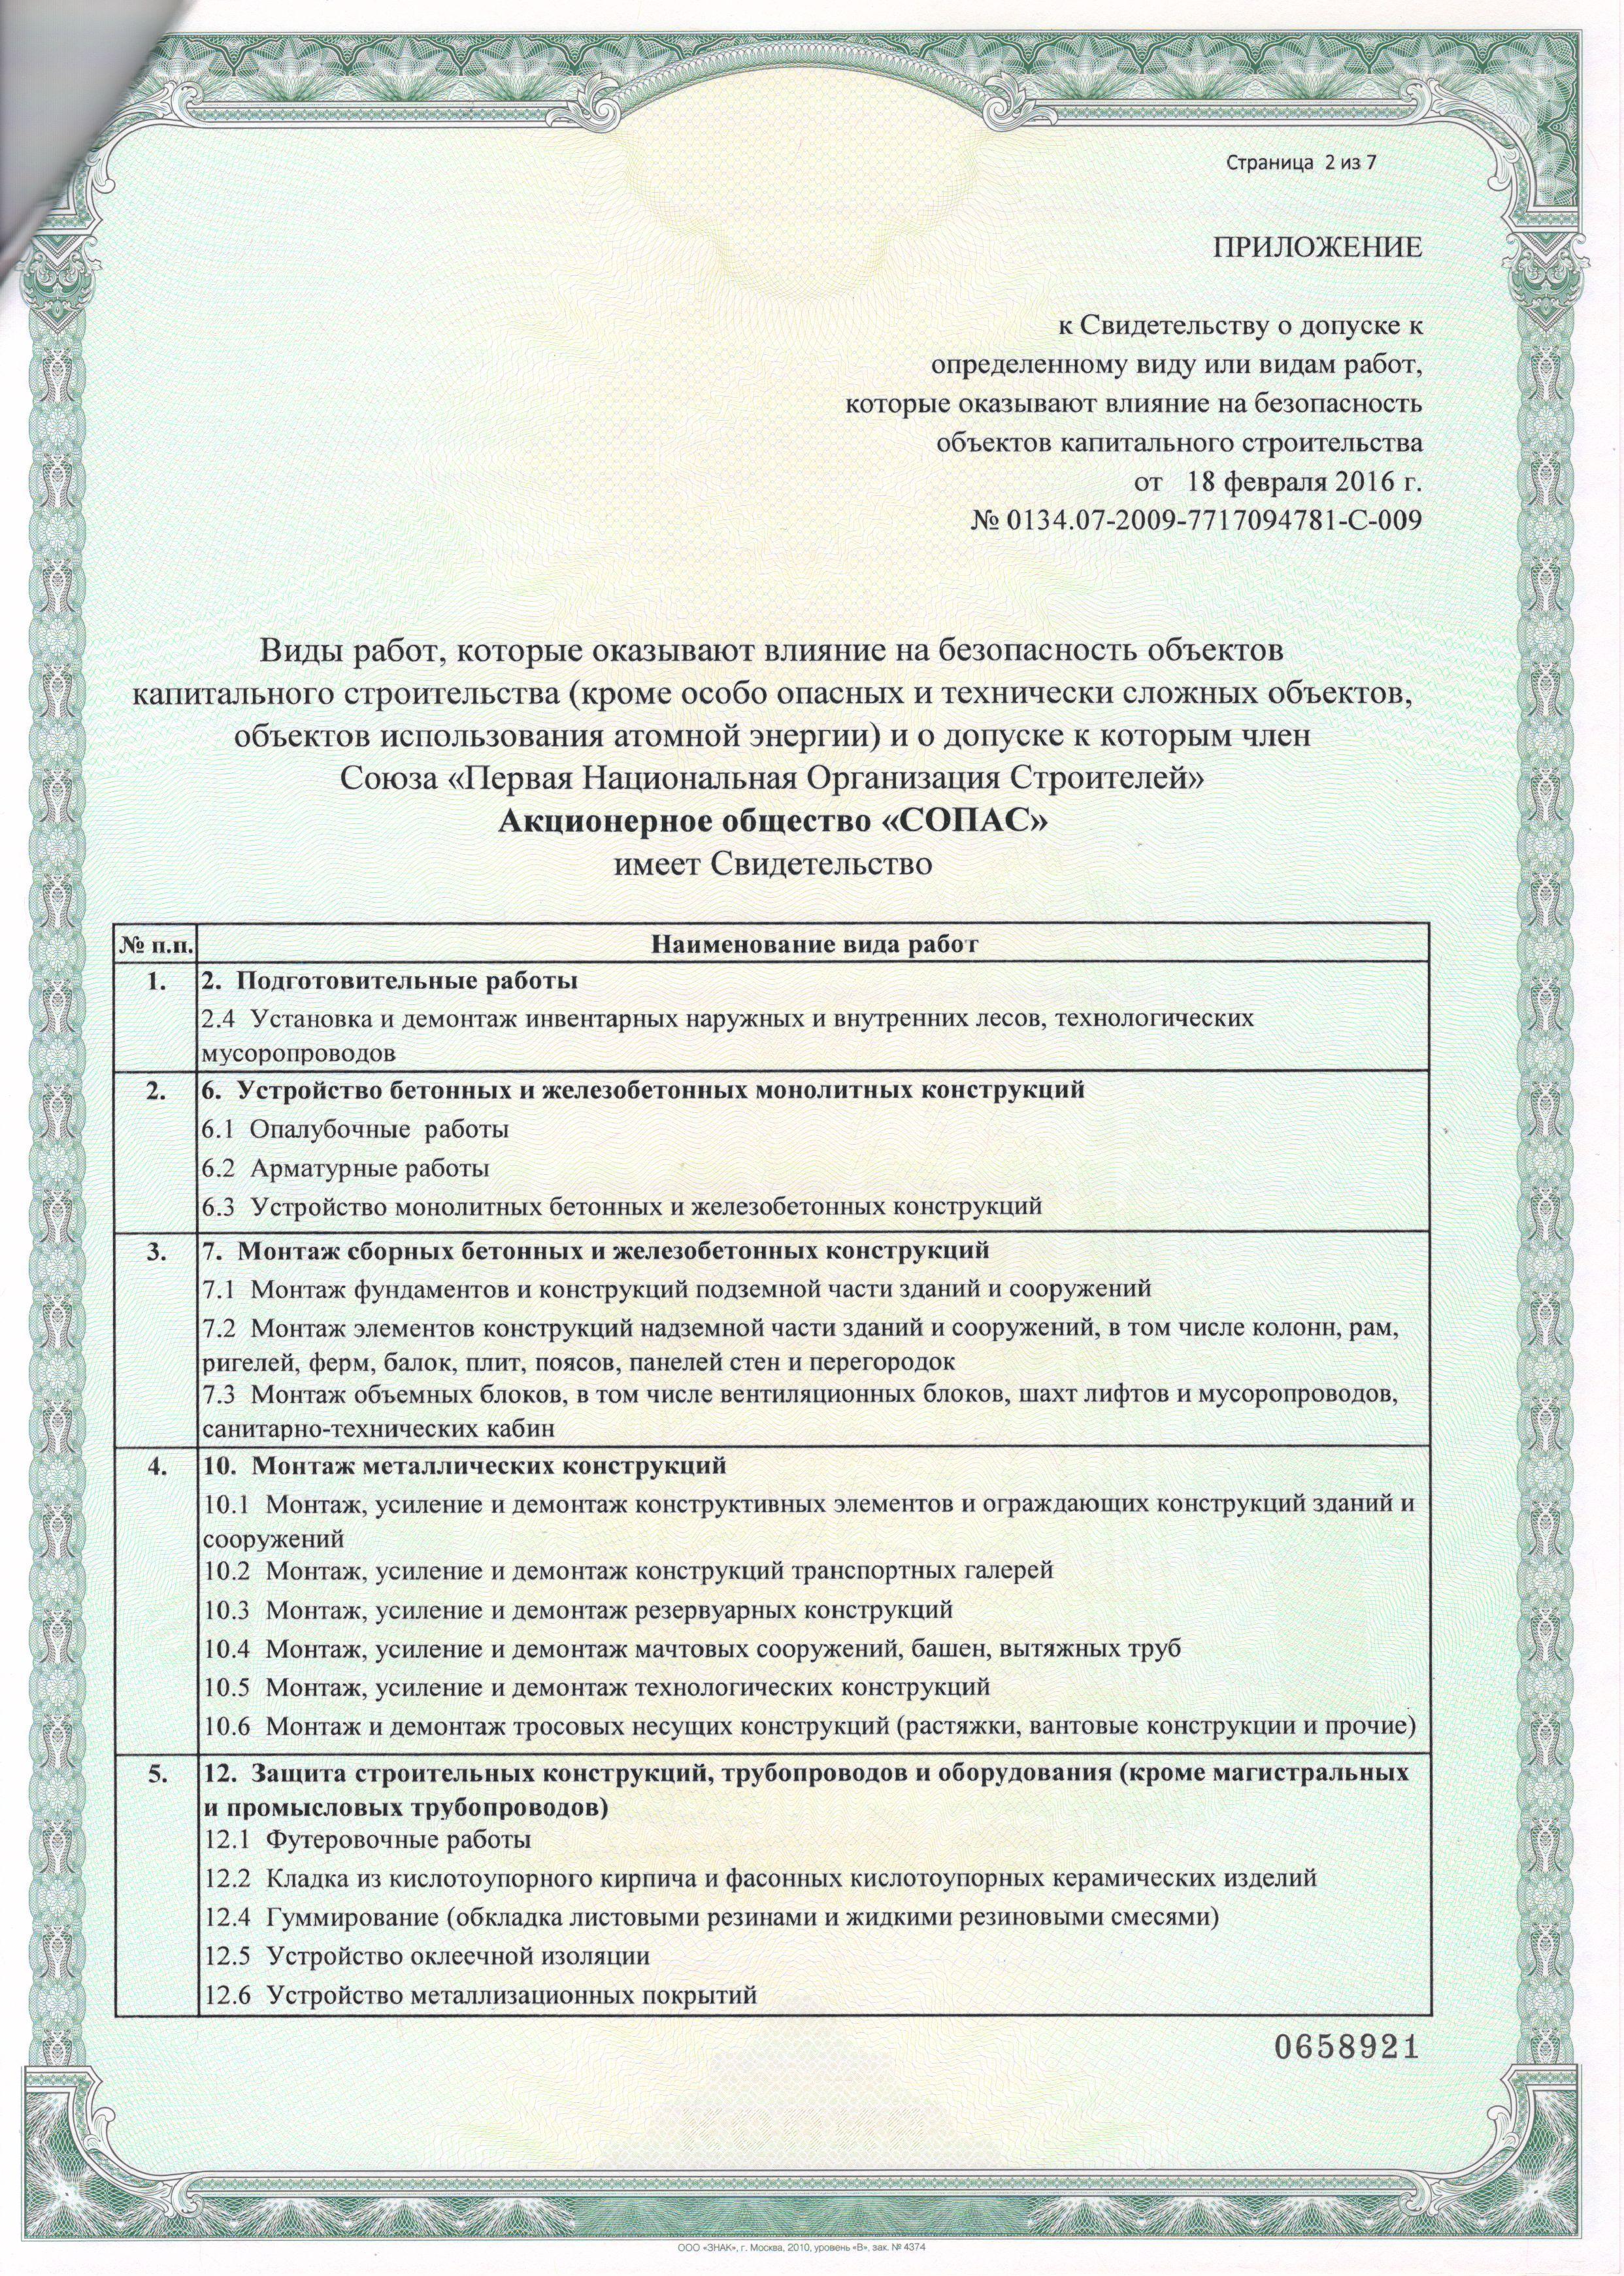 Св-во Союз ПНОС сопас ао 112